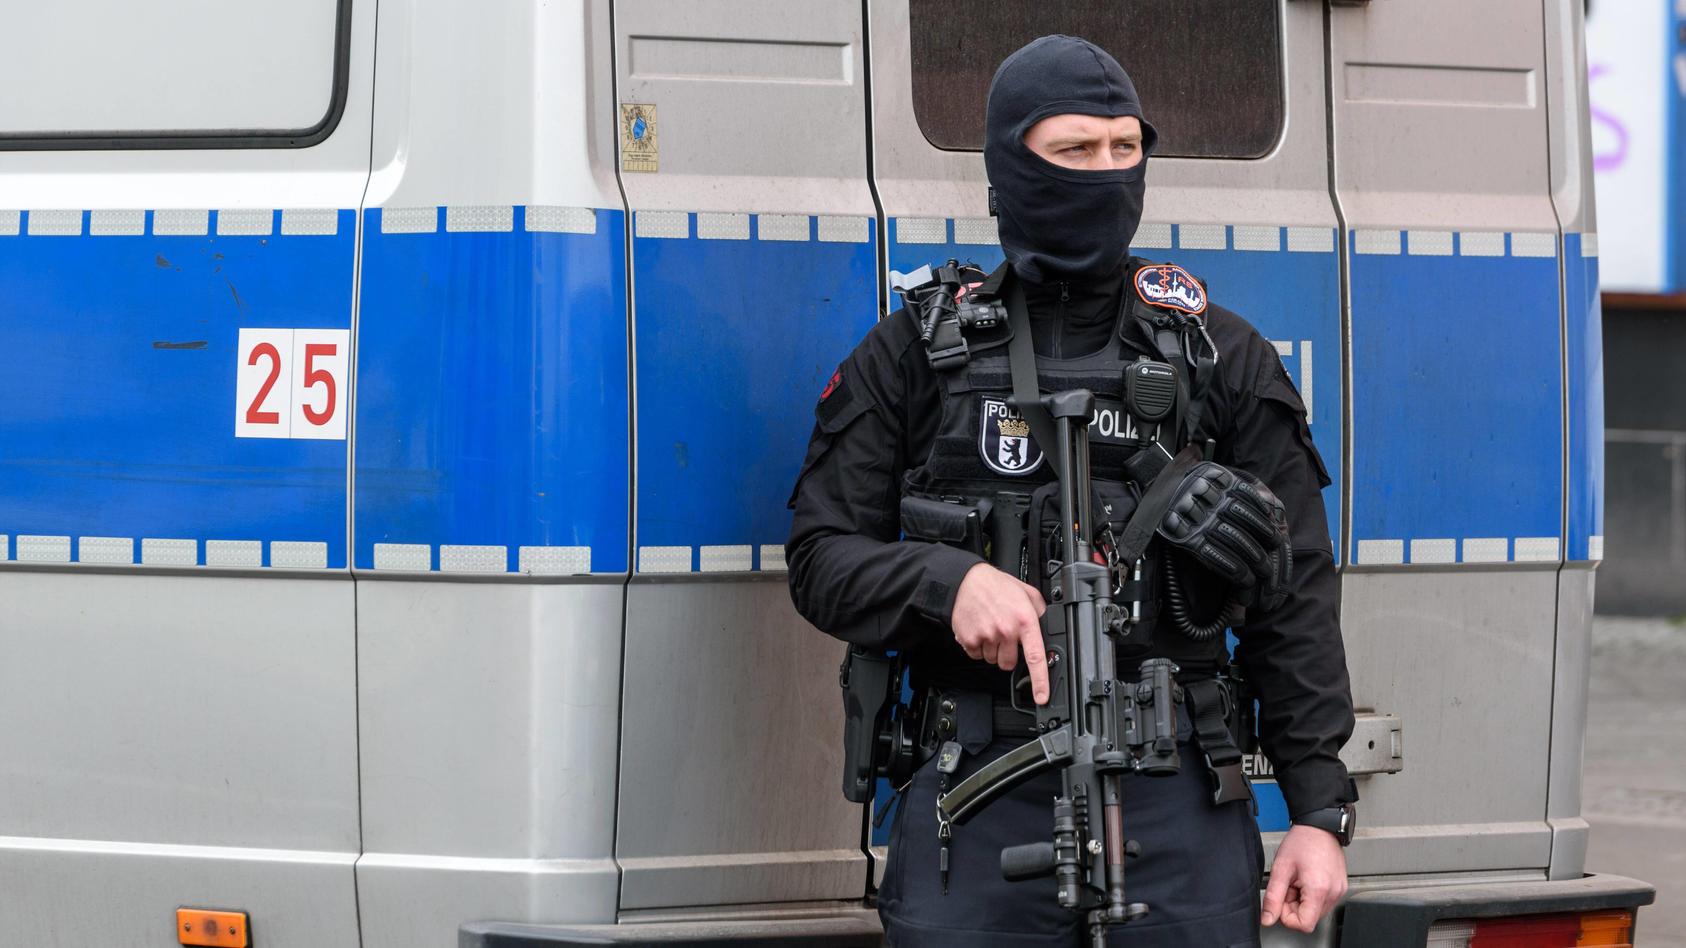 Polizeieinsatz an Berliner Schule (Foto: Motivbild)